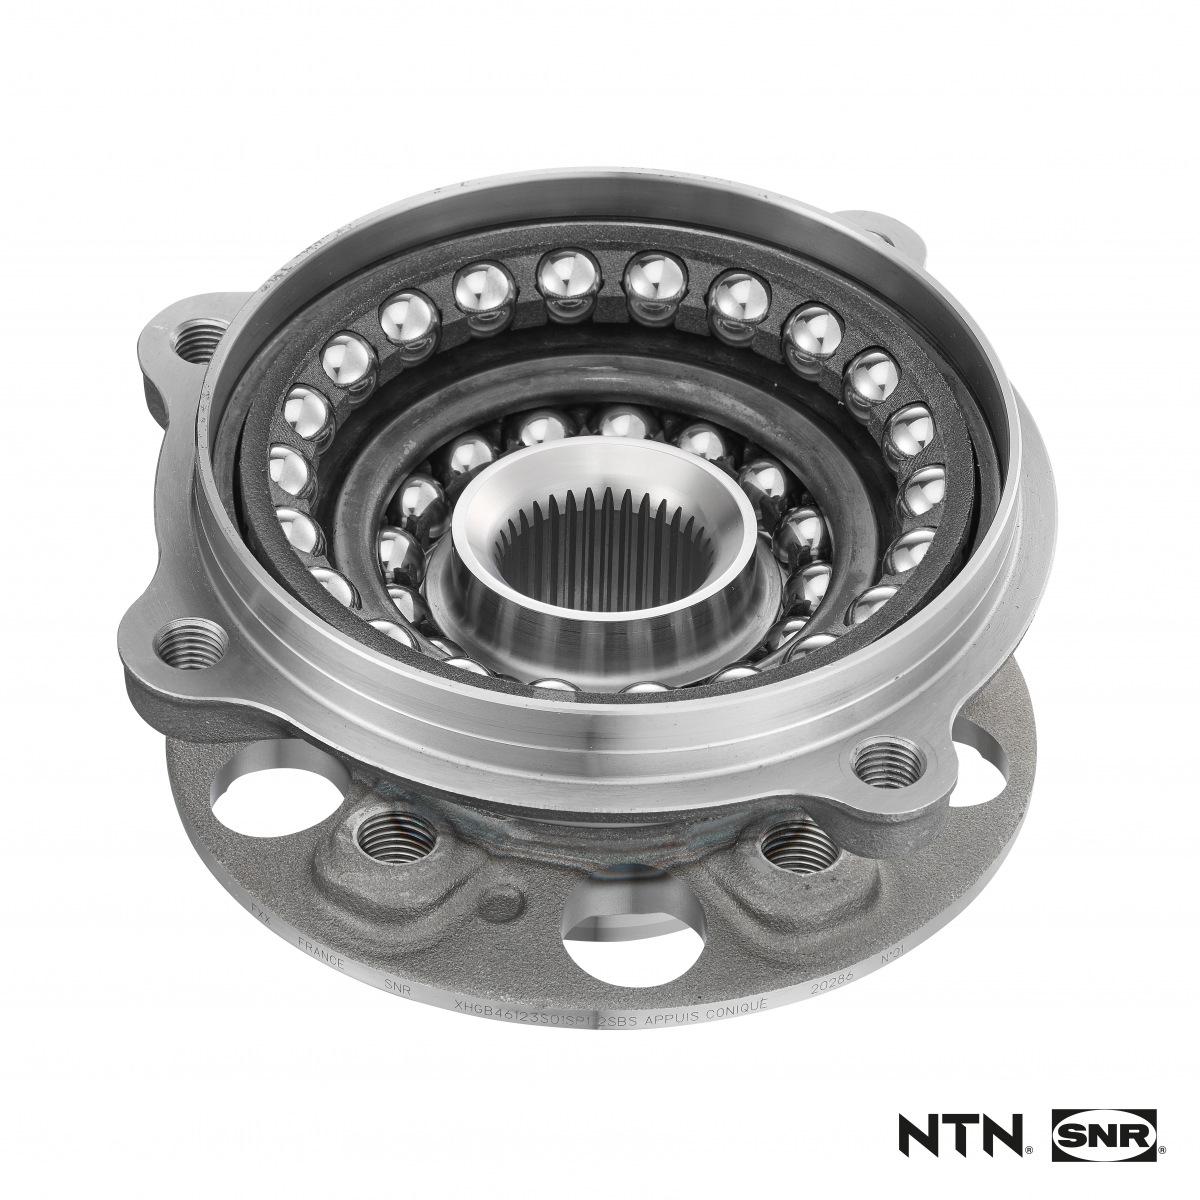 NTN-SNR ložisko nové generace s kompaktním homokinetickým kloubem